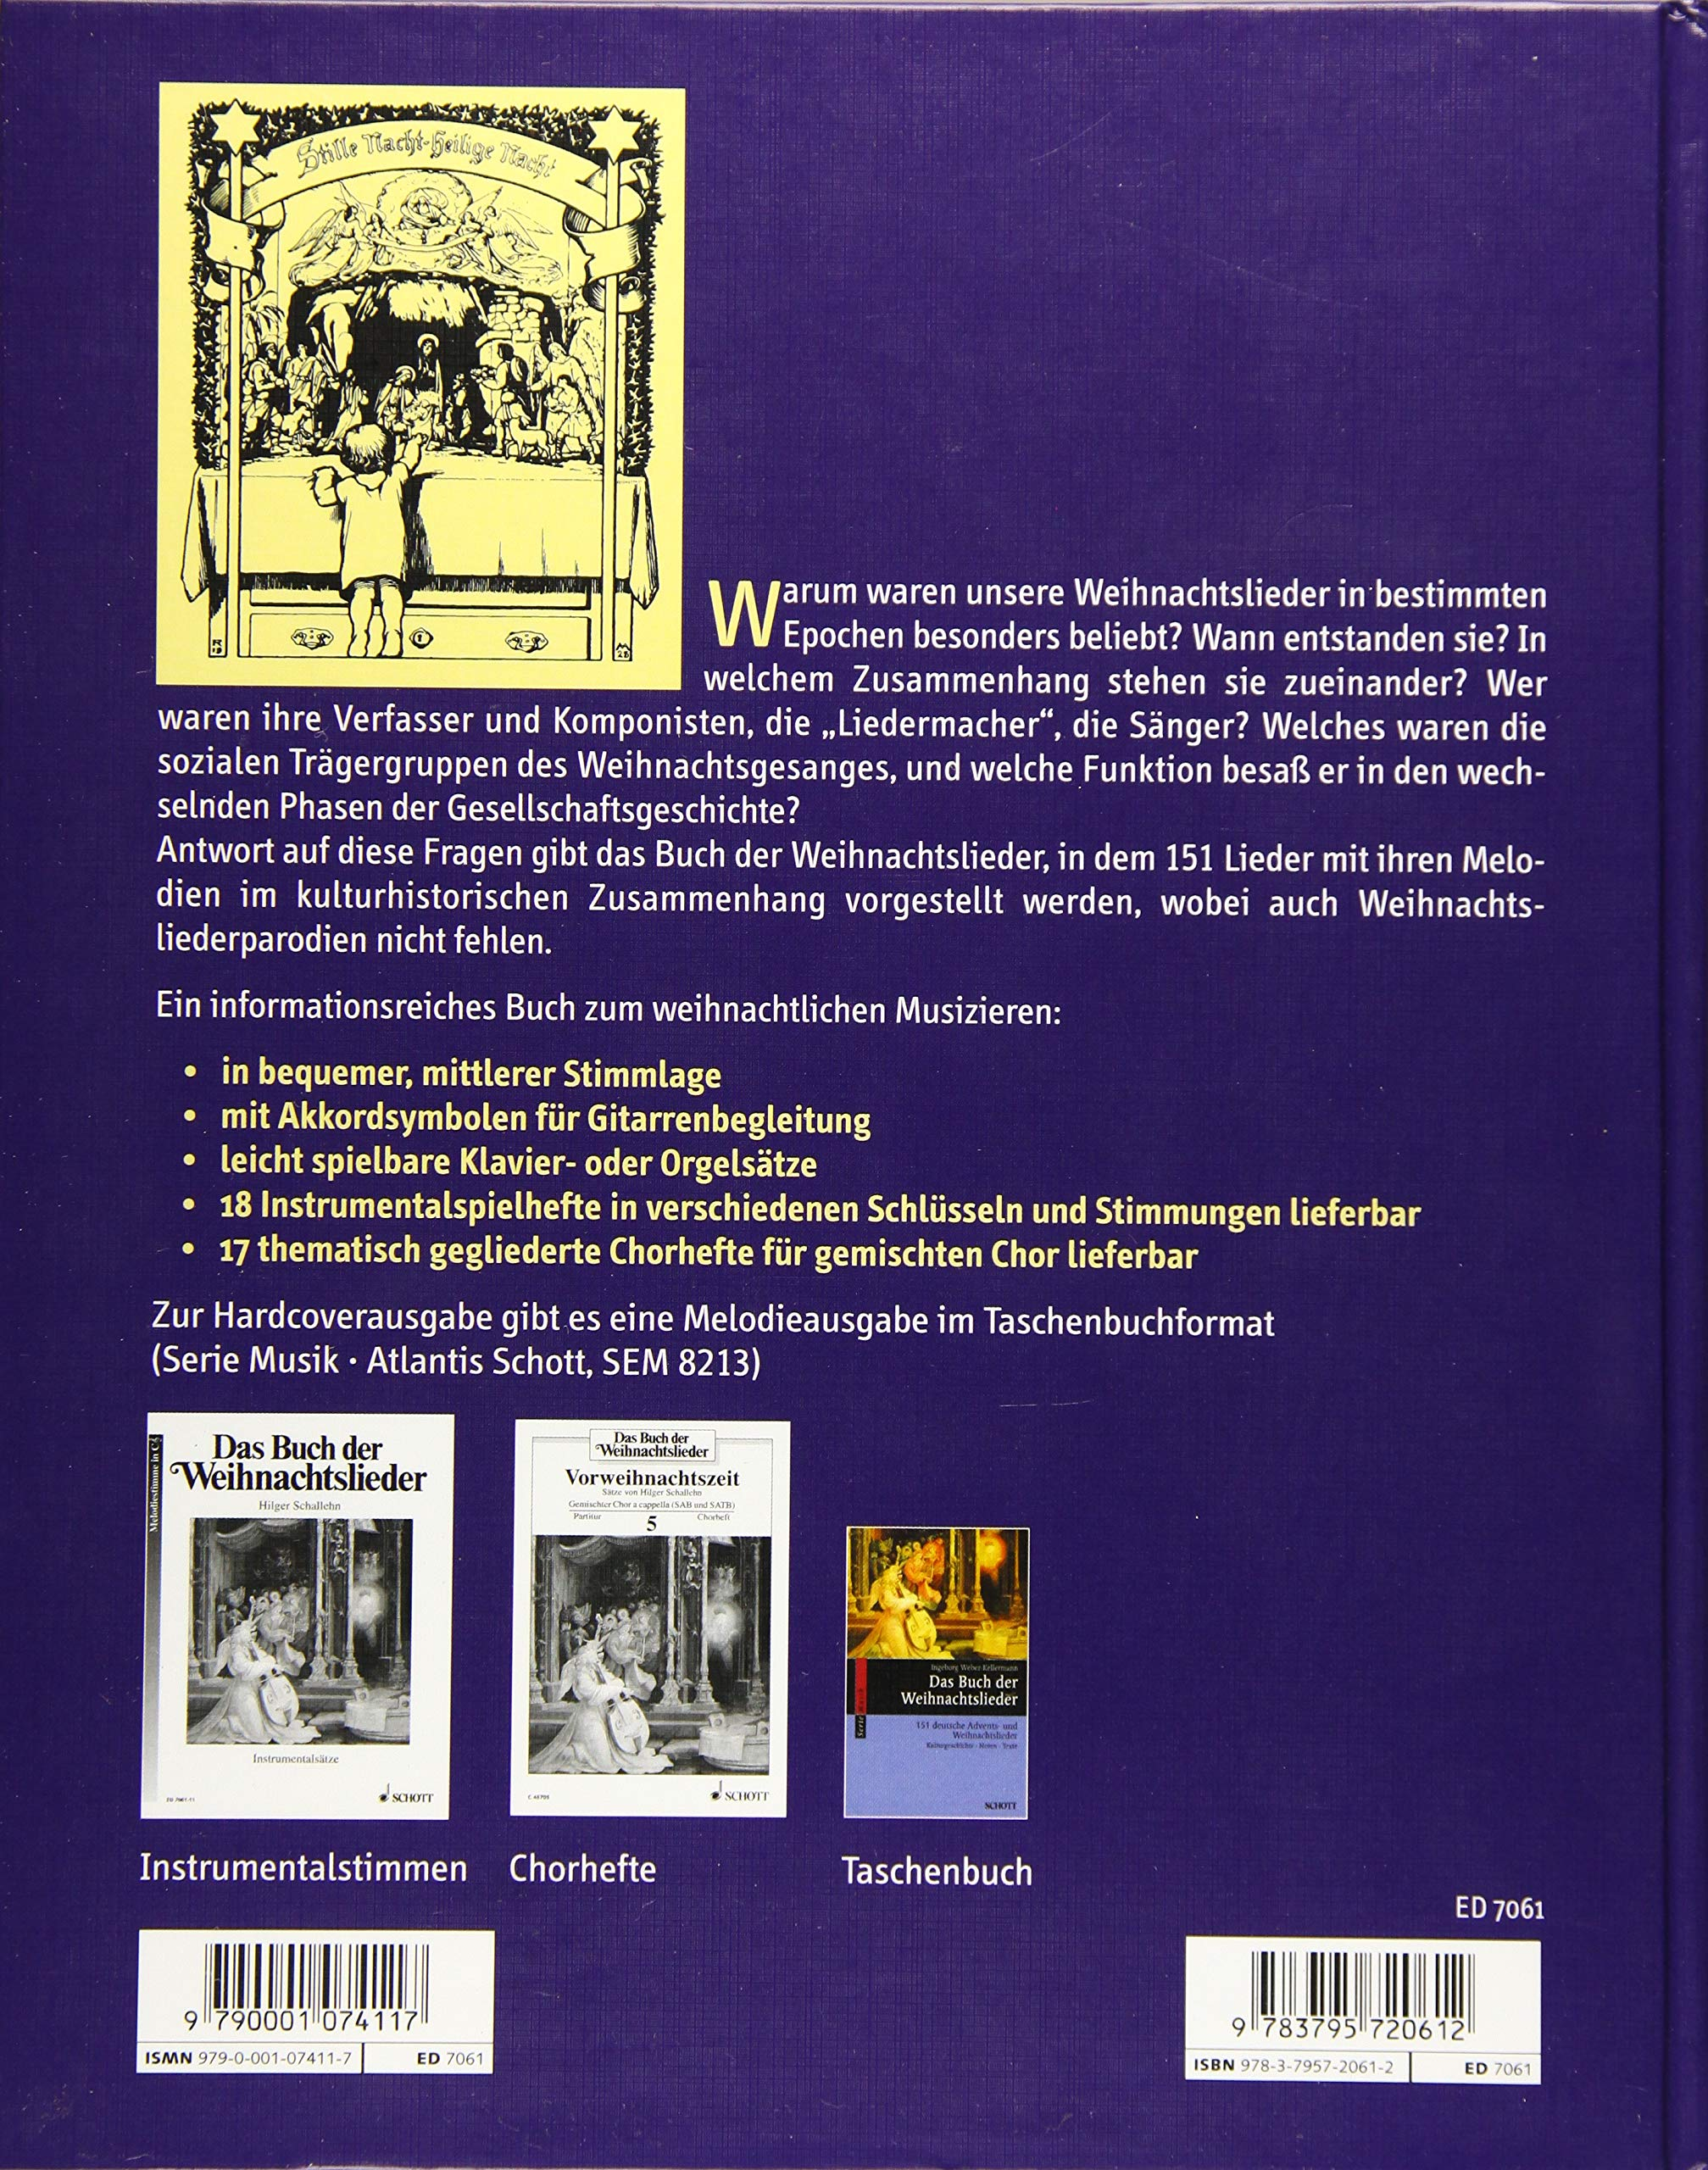 Ddr Weihnachtslieder Texte.Das Buch Der Weihnachtslieder 151 Deutsche Advents Und